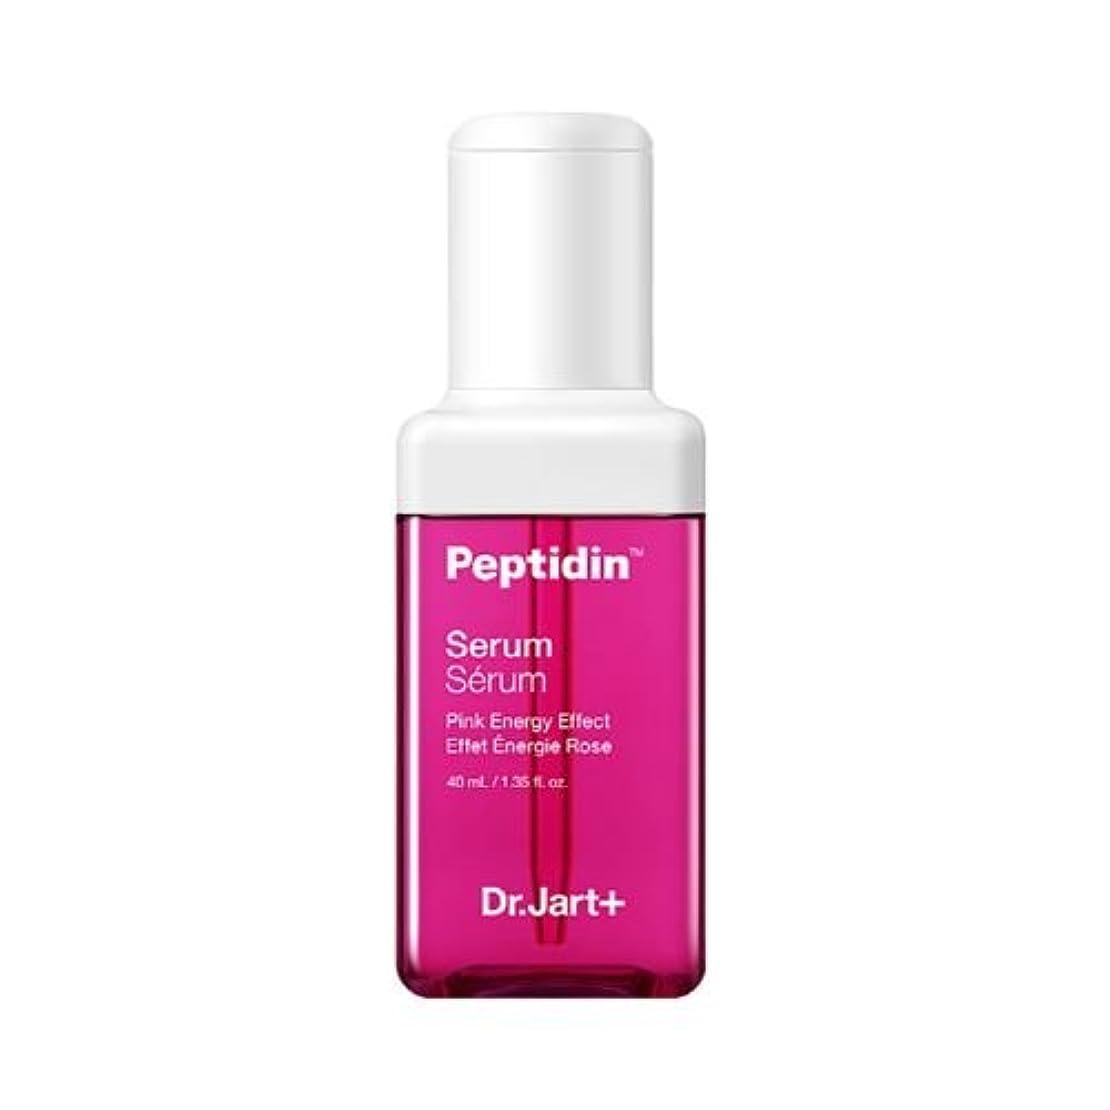 その間ゴシップ少し[DR Jart] Peptidin serum Pink Energy effect ドクタージャルトペプチドディーン セラムピンクエネルギー 40ml[海外直送品] [並行輸入品]